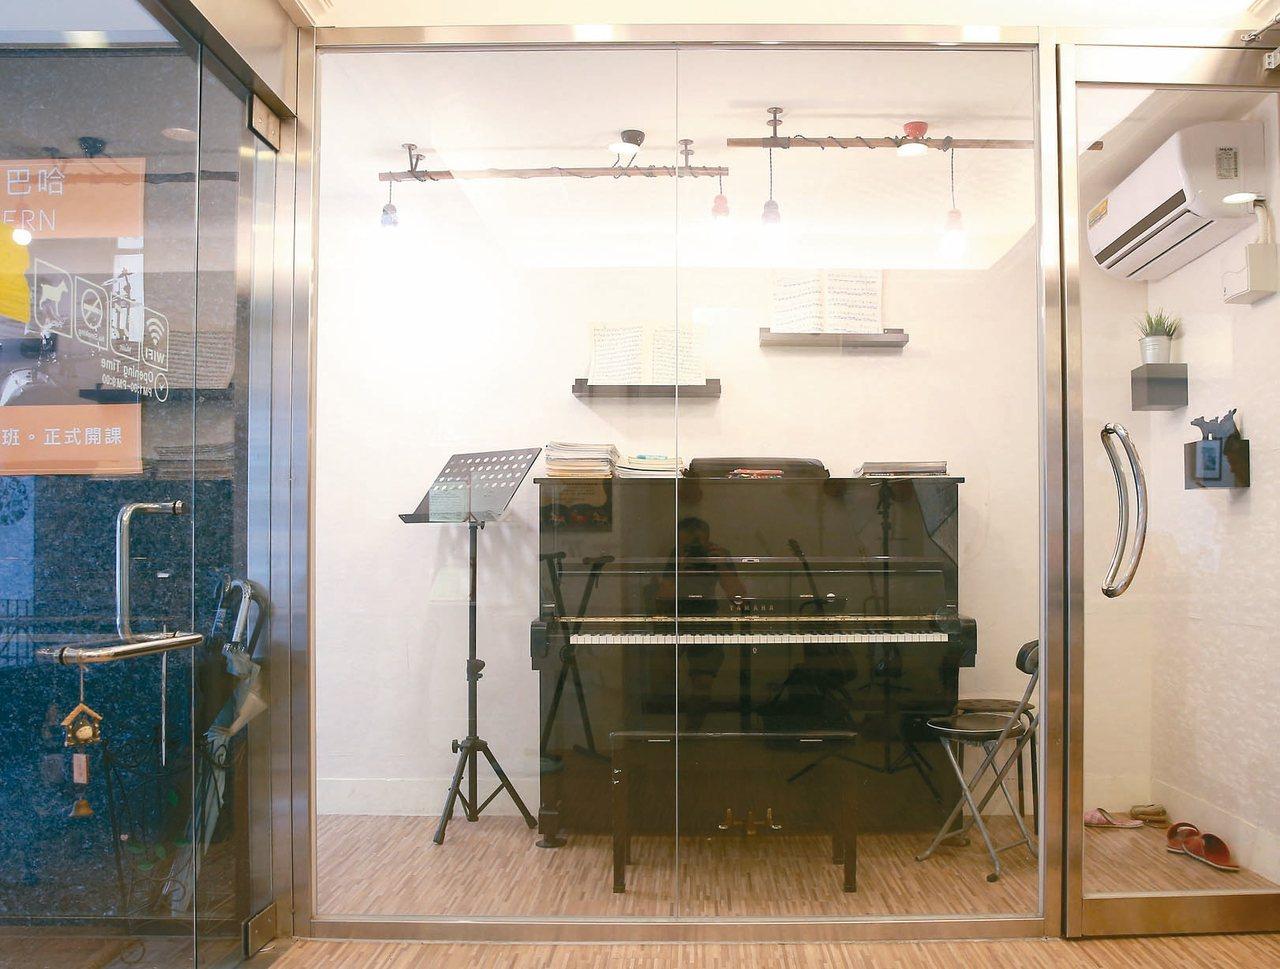 音樂教室講求一對一的教學模式。 攝影/林澔一